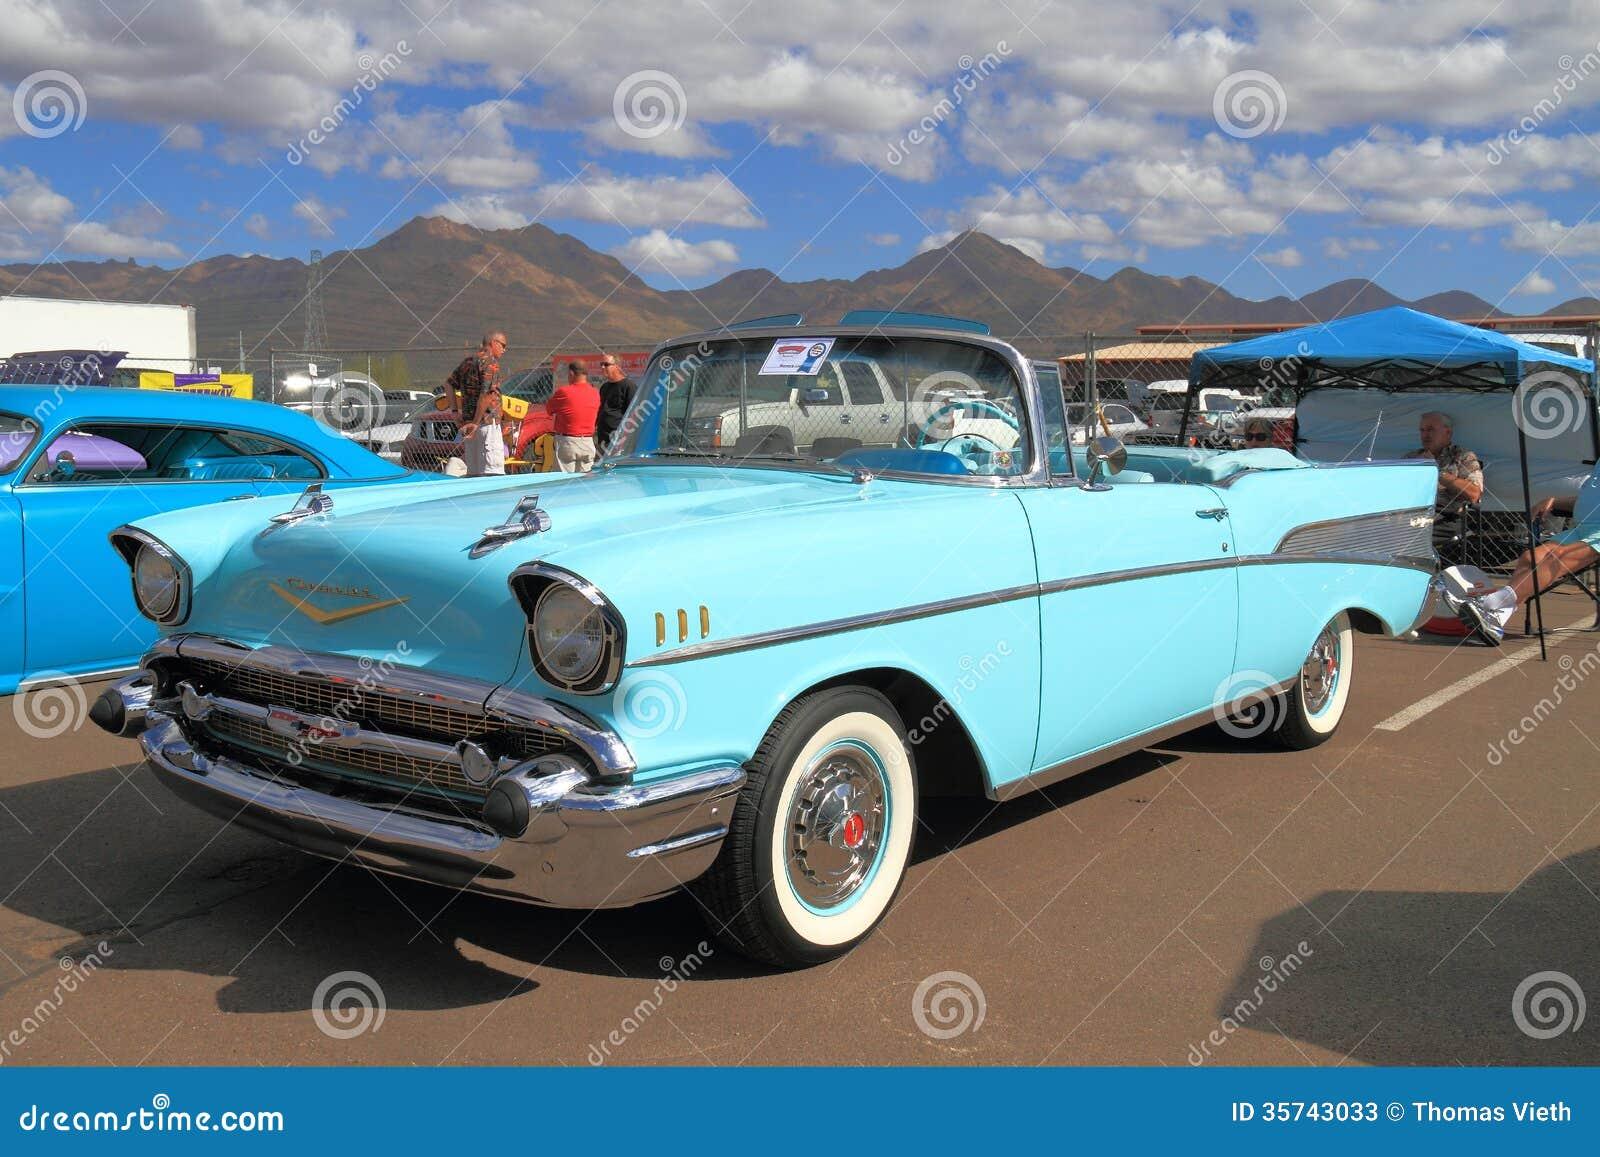 Voiture Classique Chevrolet 1957 Bel Air Photo Stock